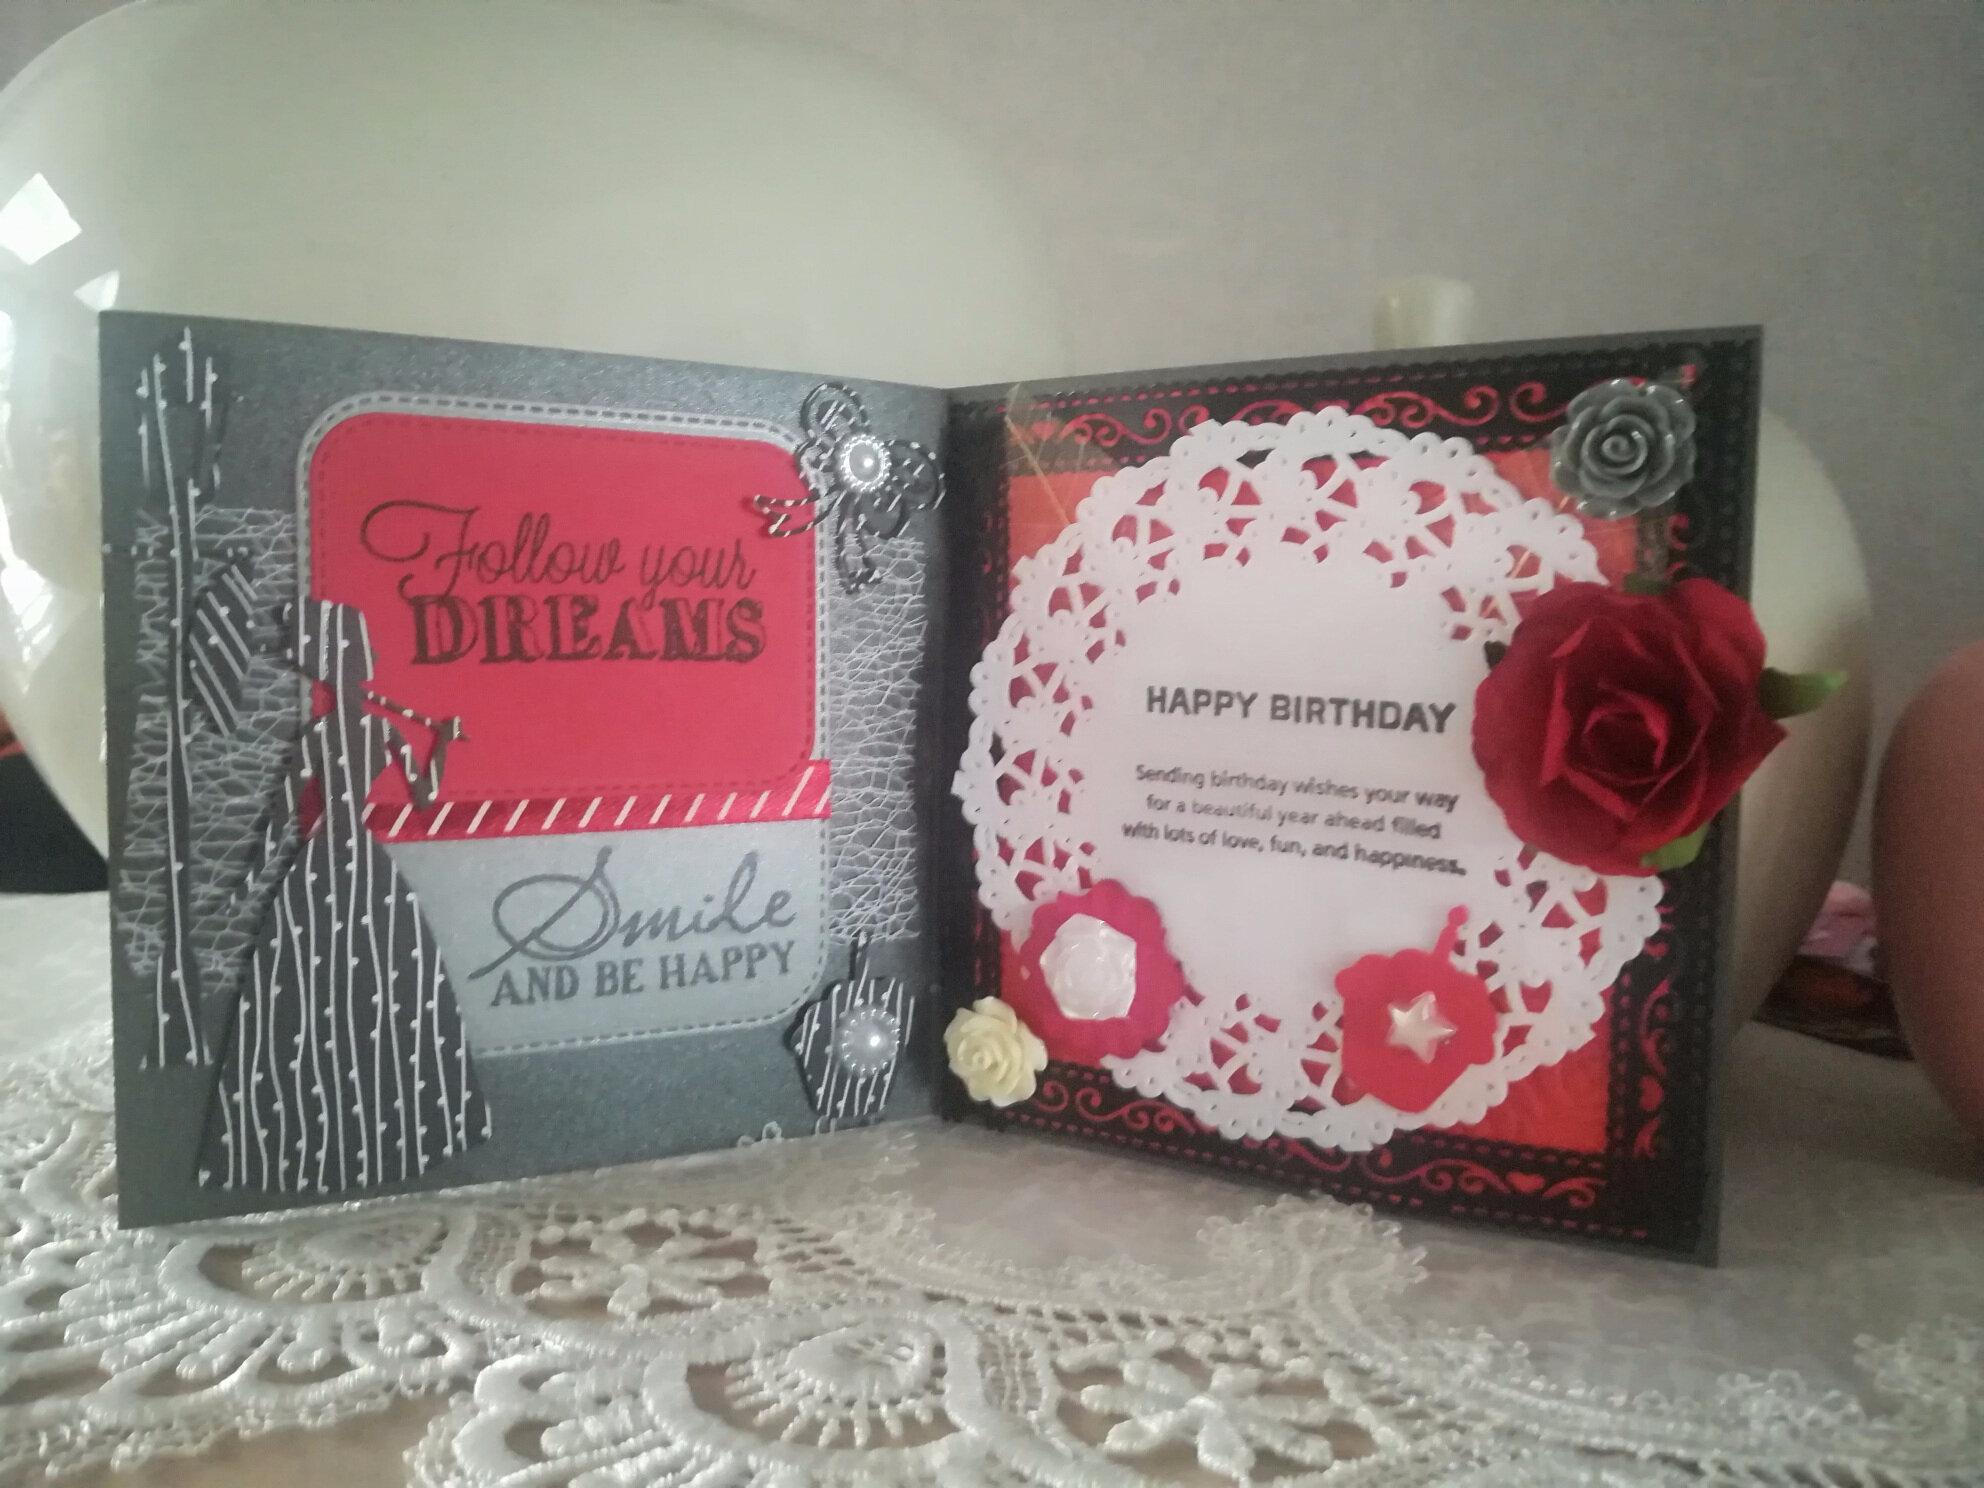 Carte et marque-page pour un anniversaire, nouveaux achats, carte reçue ...